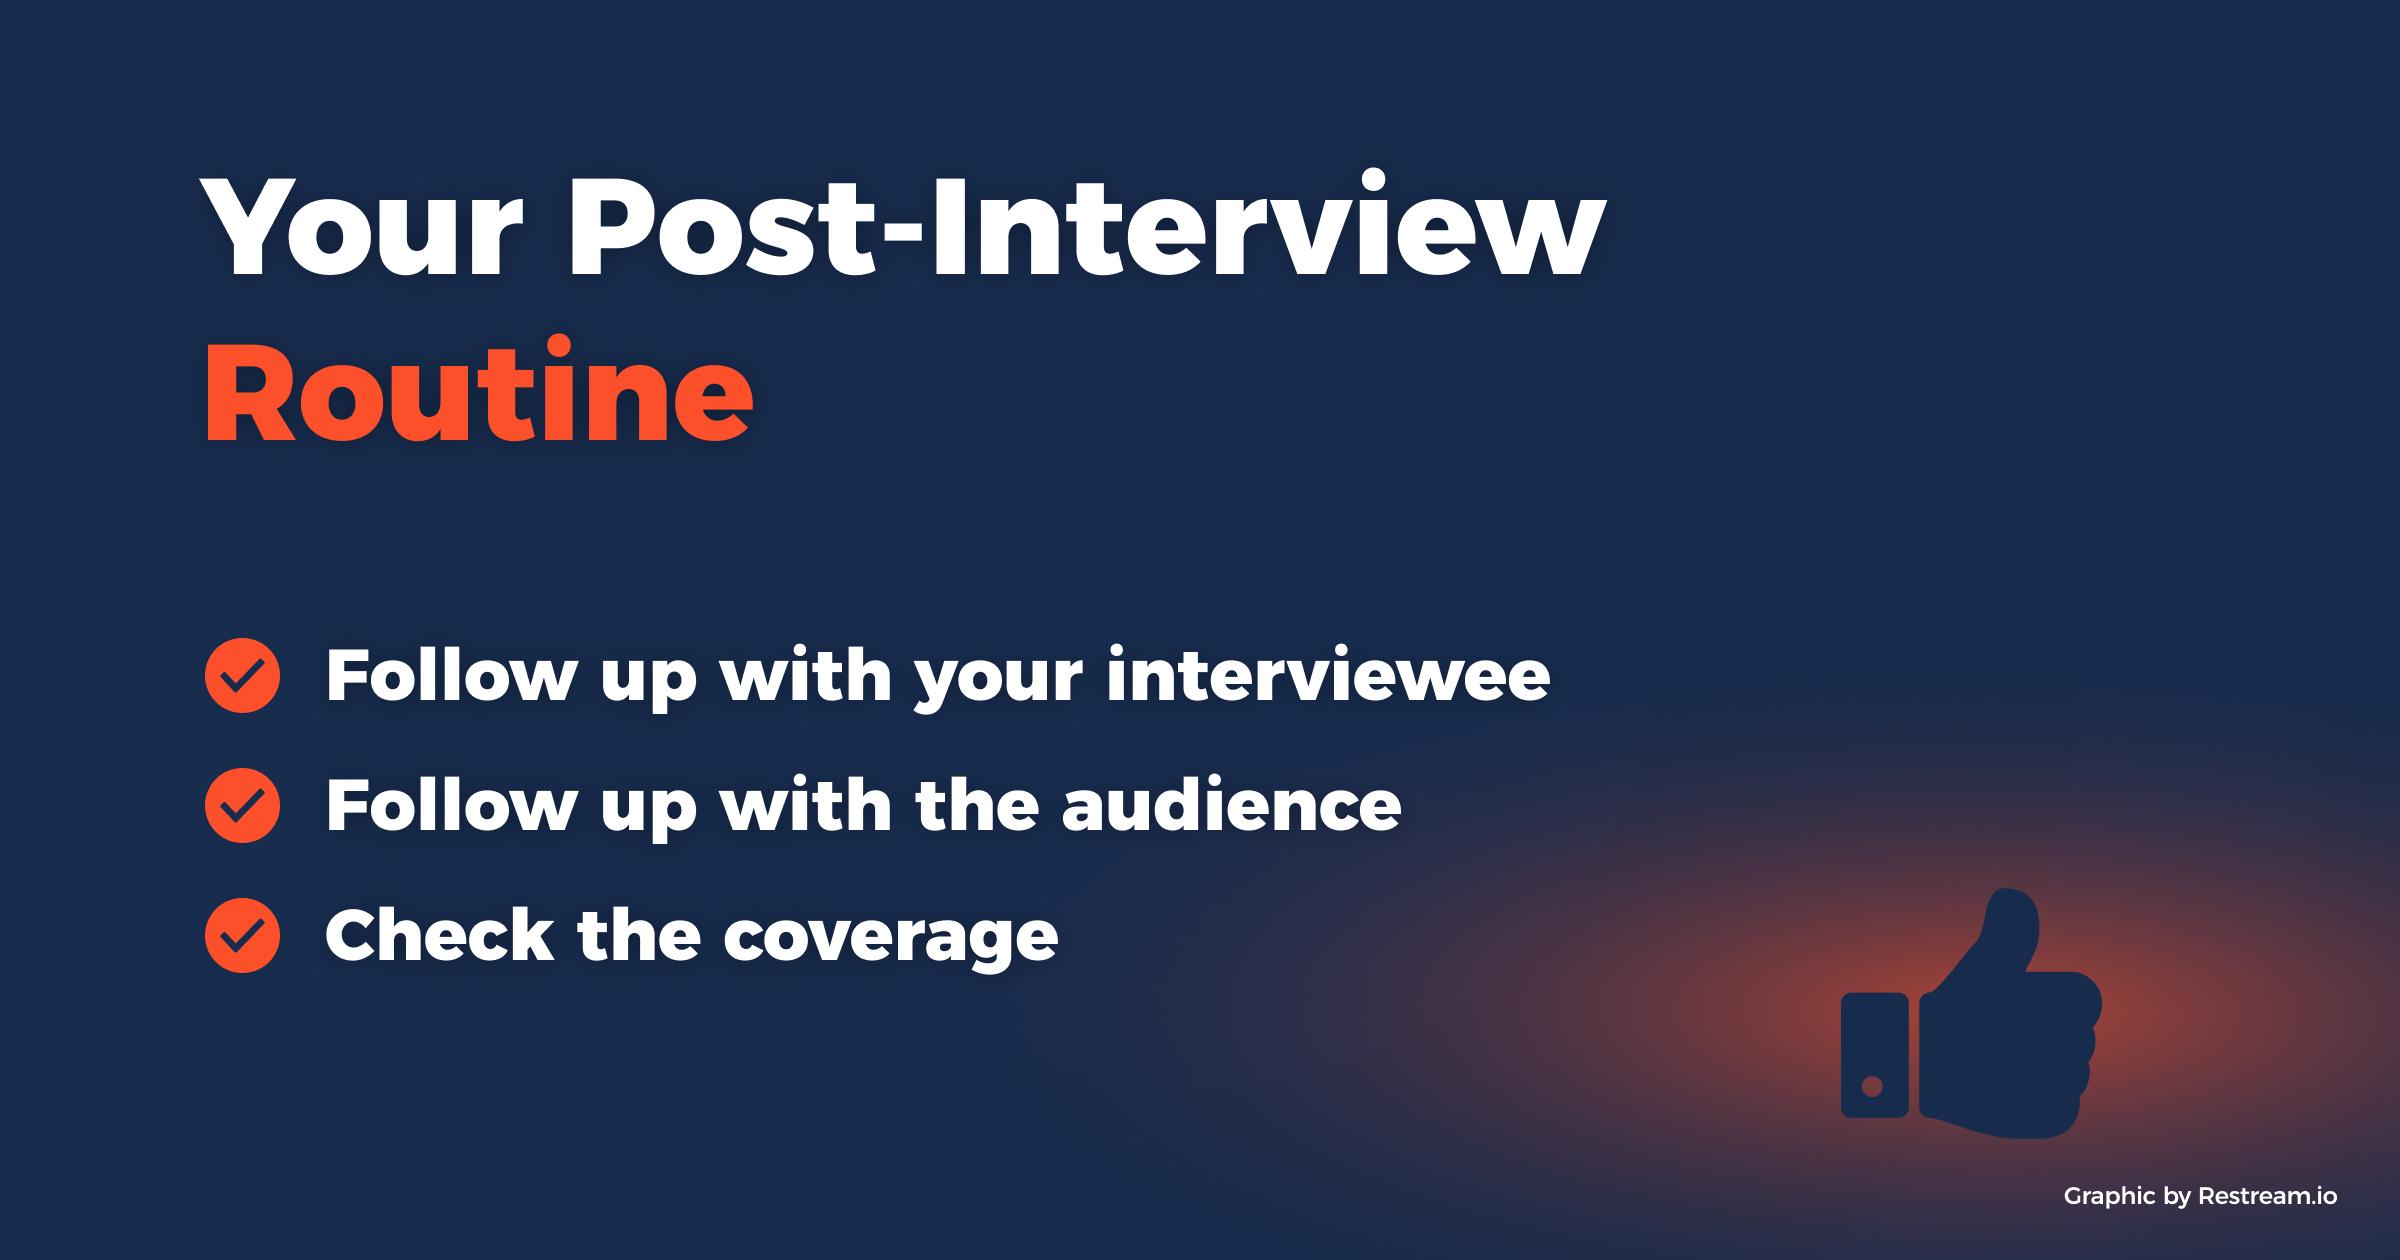 Your Post-Interview Routine checklist